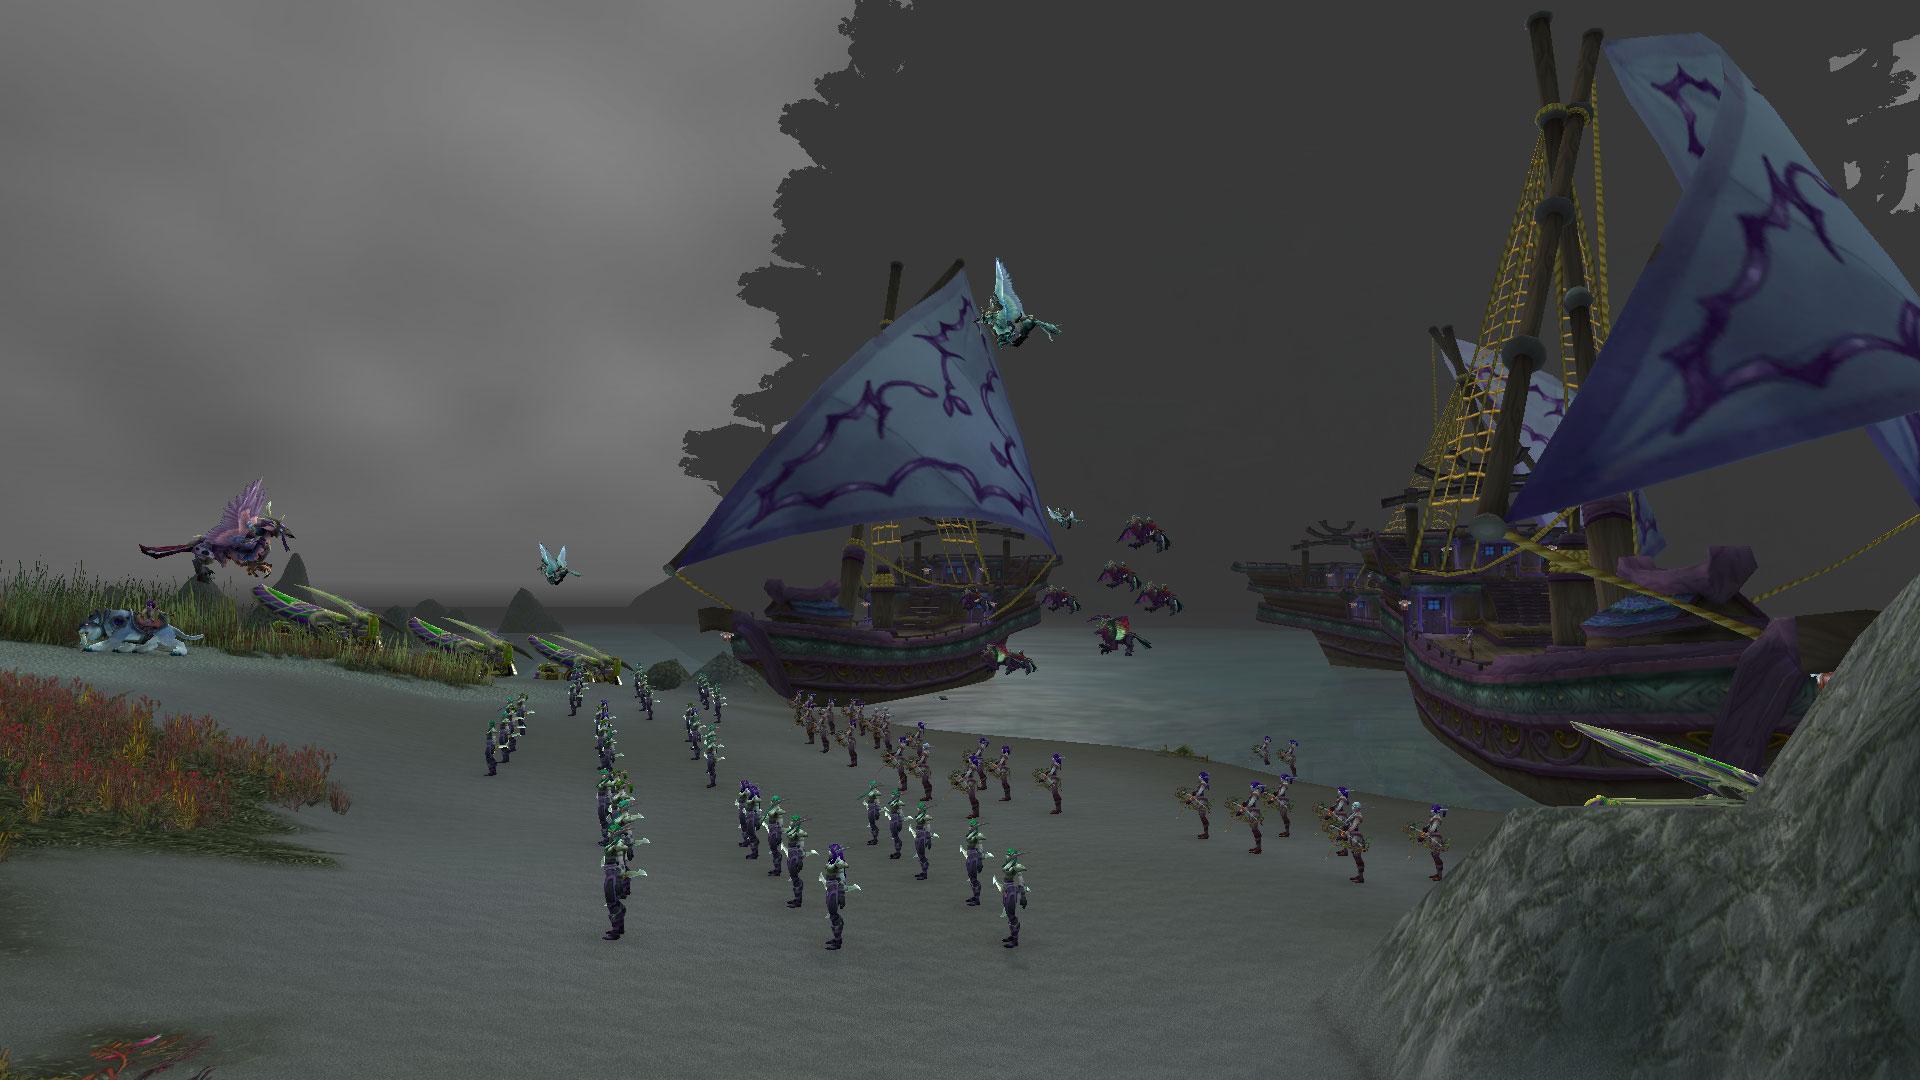 La flotte des Elfes de la nuit est revenue